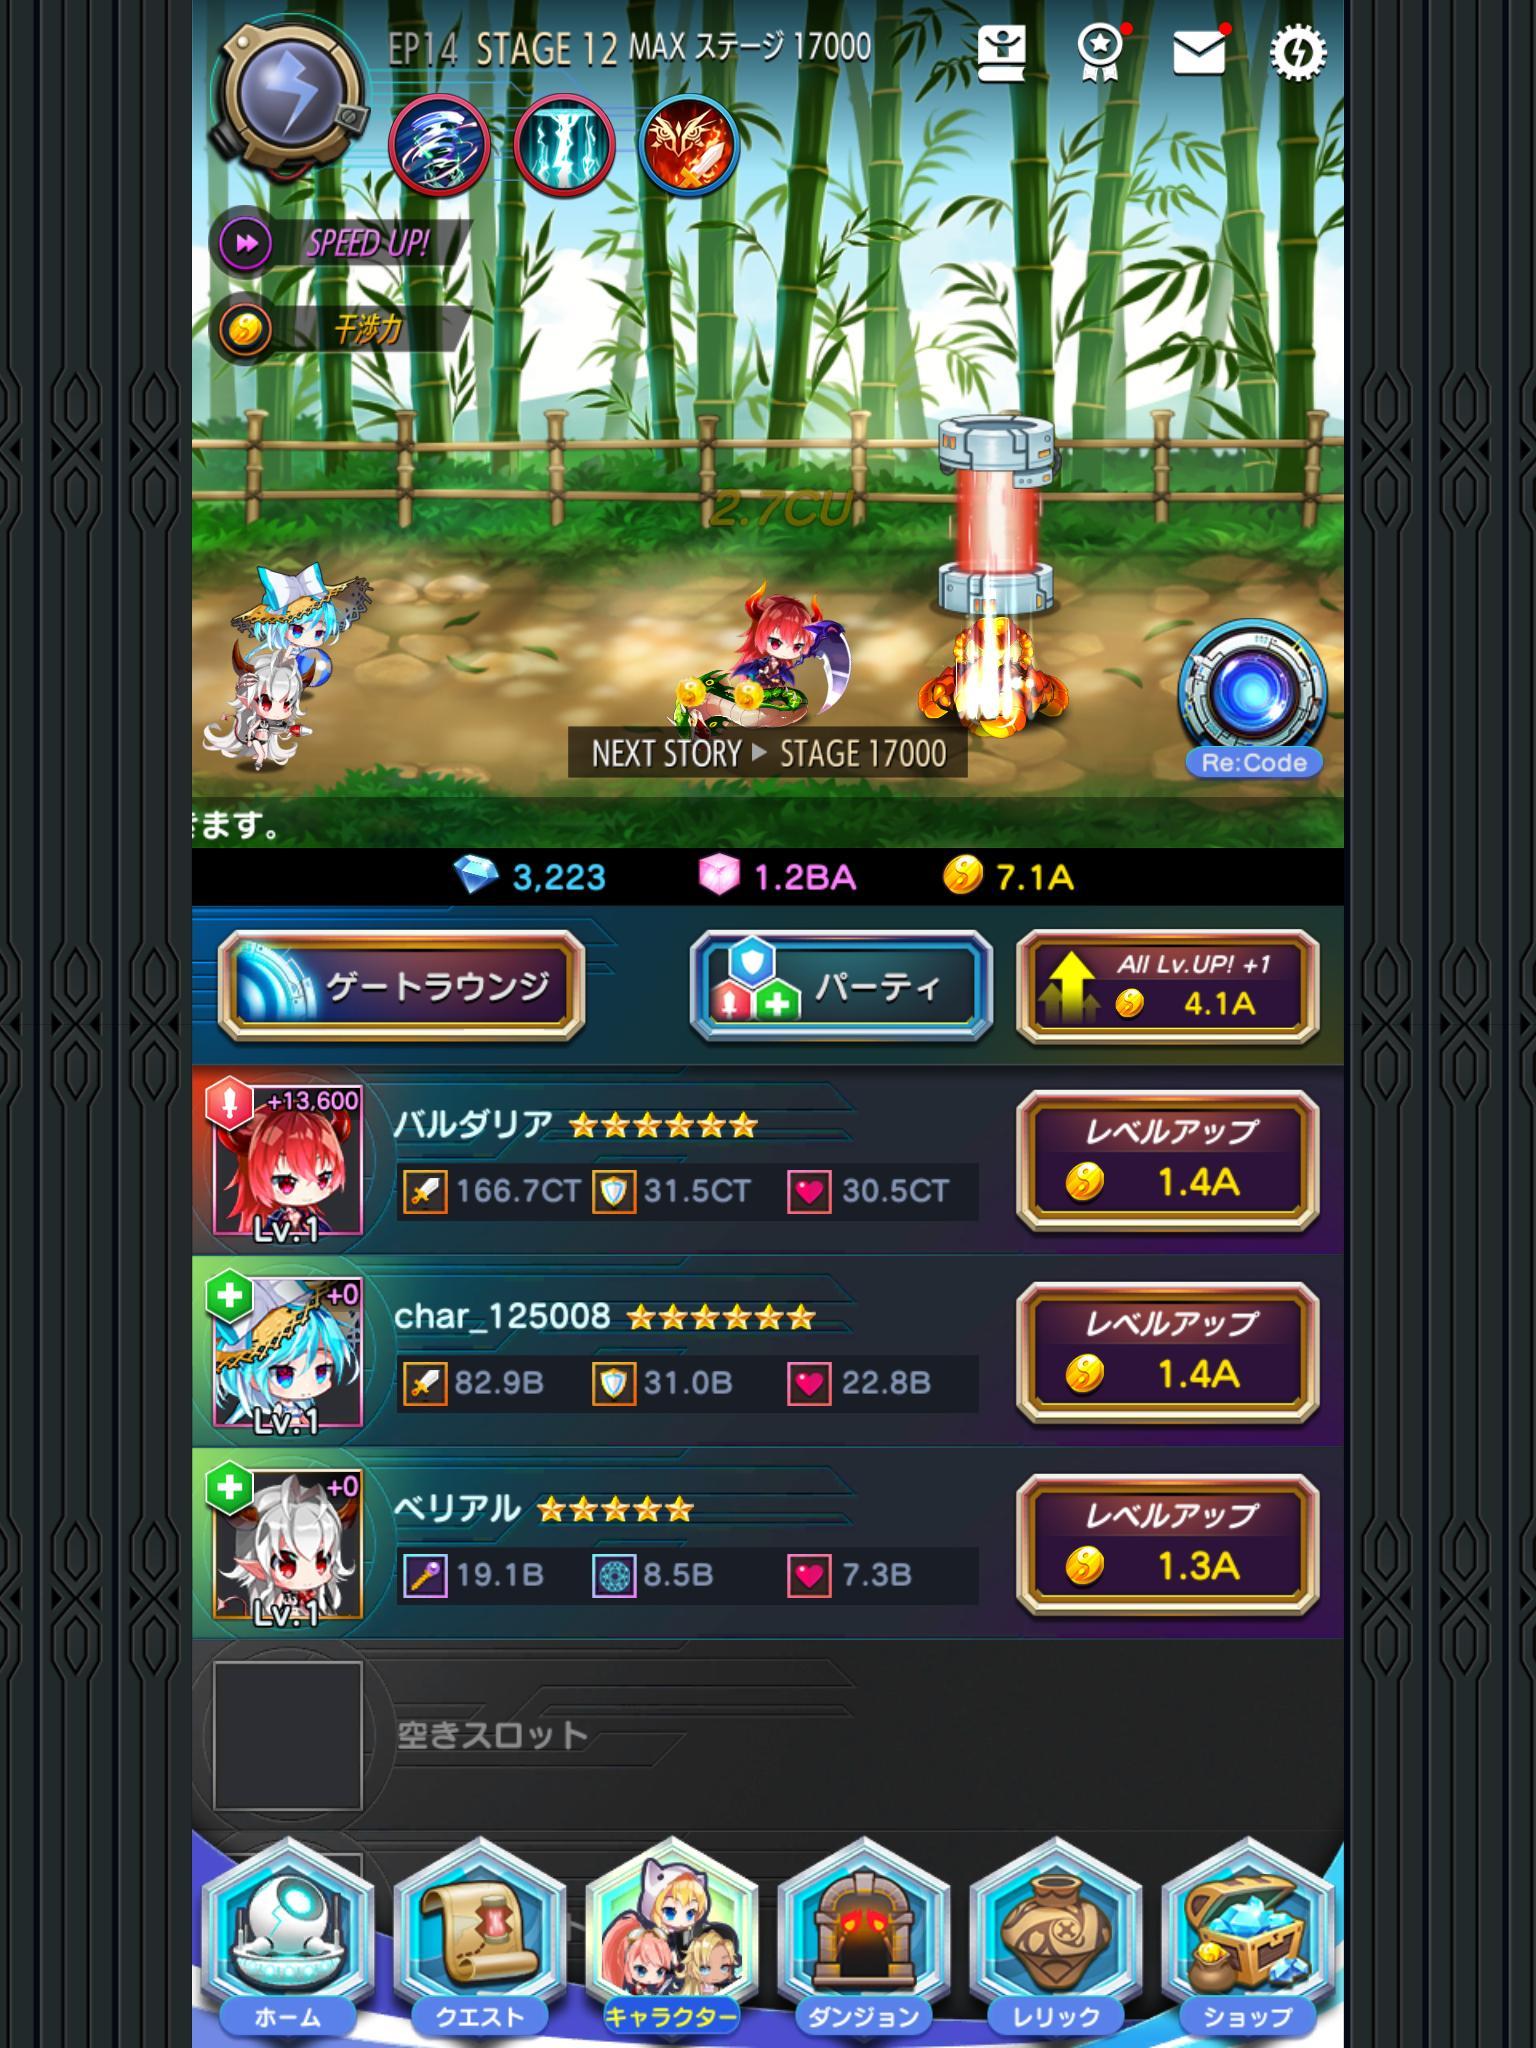 メリーガーランド 放置 美少女 RPG ゲーム 【放置、育成で楽しめる美少女達との無限の物語】 1.42.0 Screenshot 11